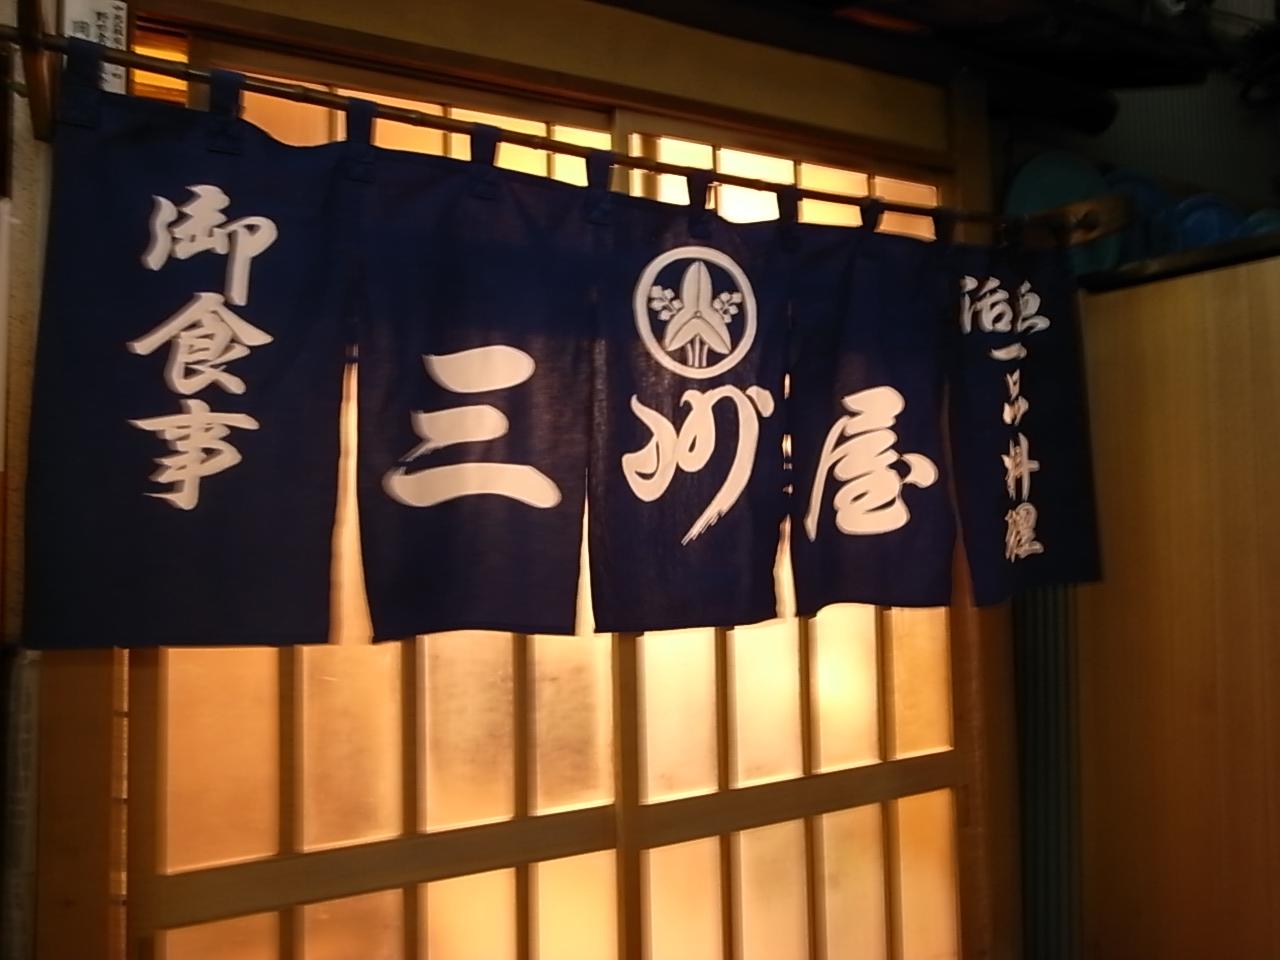 銀座の名居酒屋「三州屋」へ_d0122797_12254753.jpg